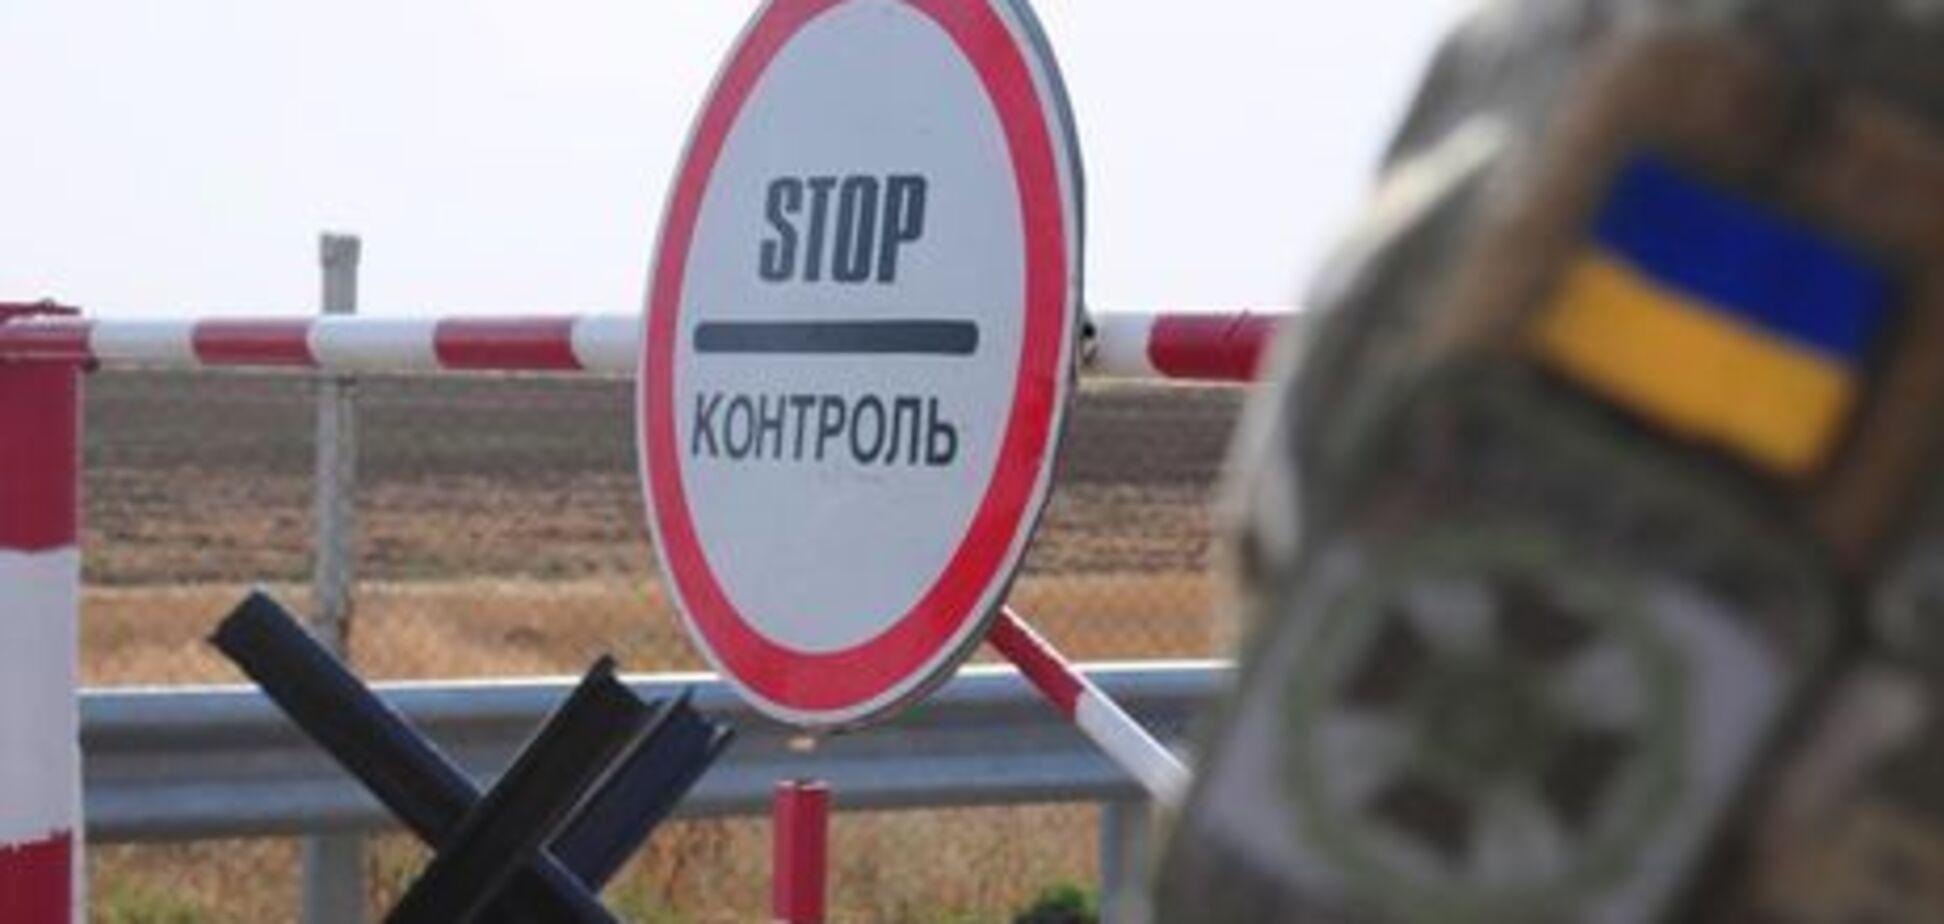 Воєнний стан в Україні: на Донбасі заборонили в'їзд іноземців